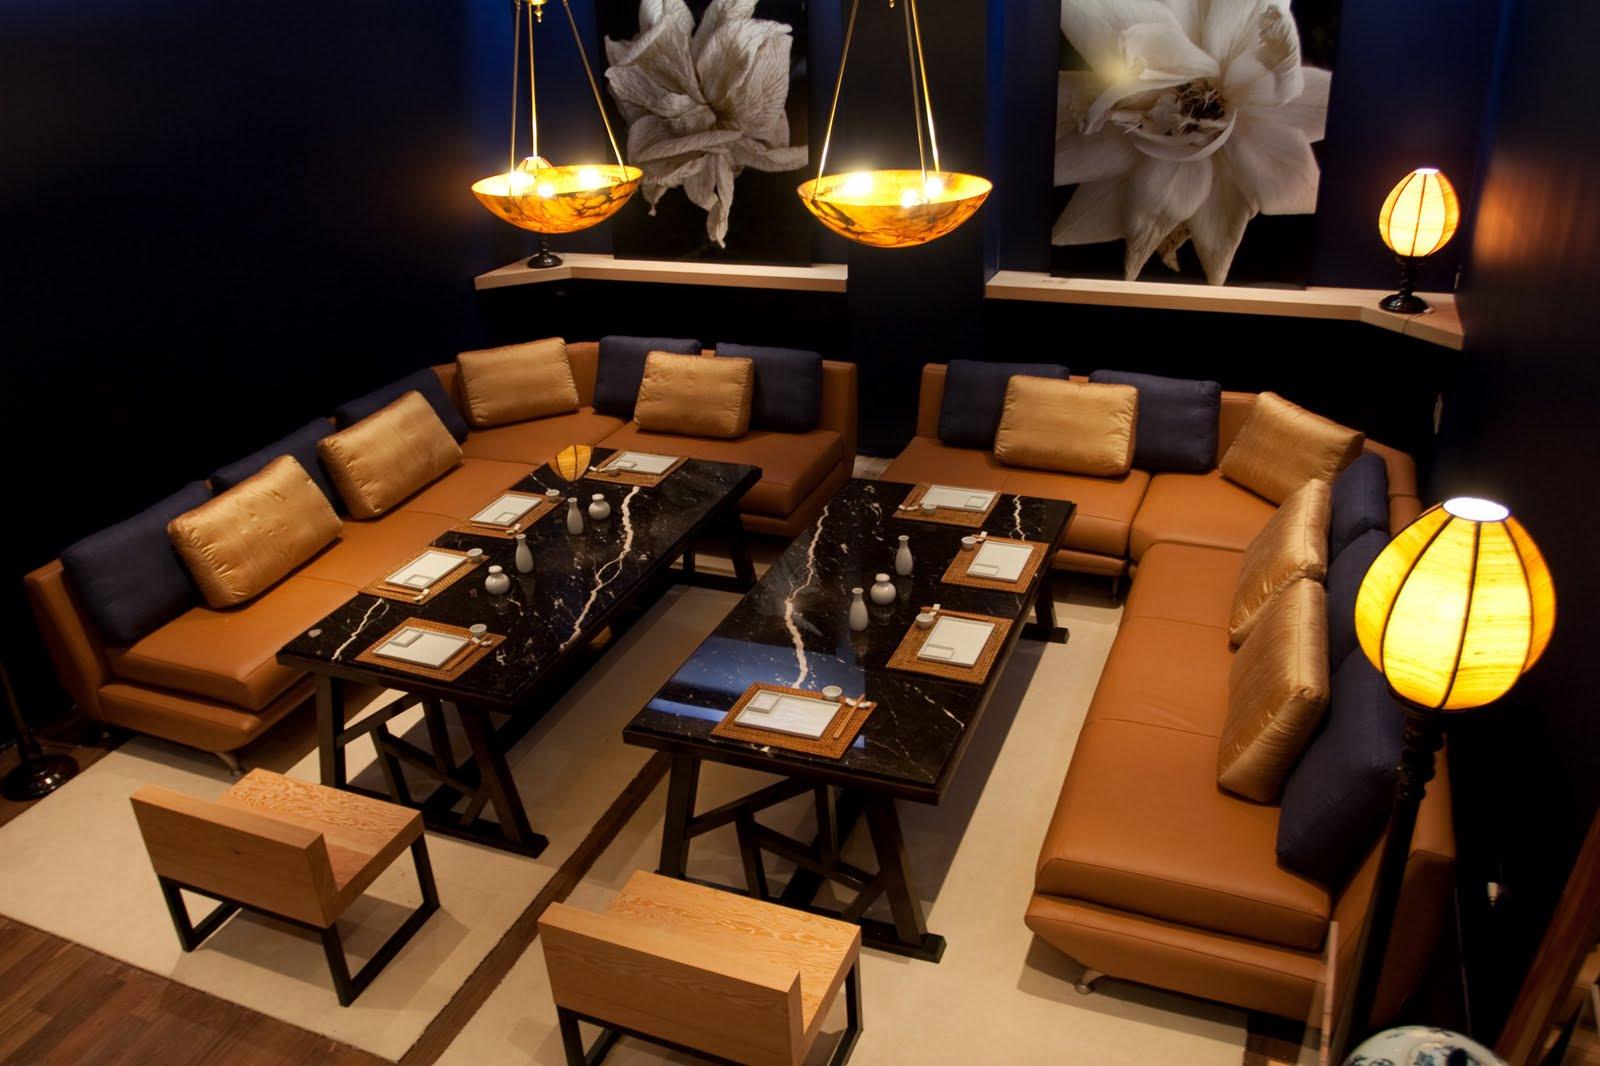 Mueble Casas De Diseno De Muebles Las Mejores Ideas E  # Muebles Casa Foa